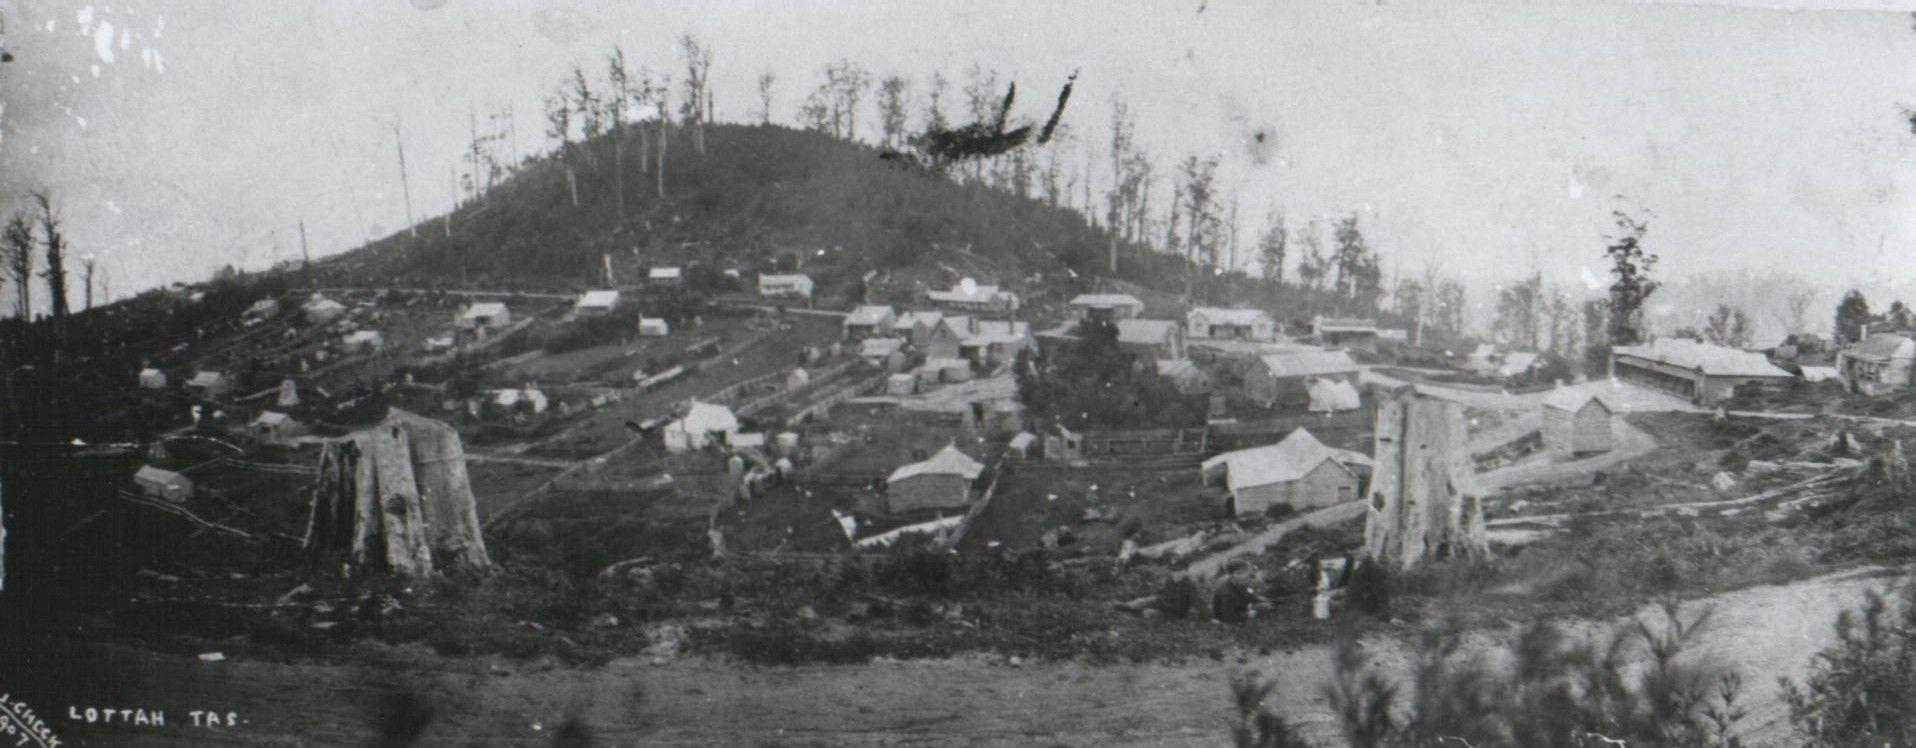 Lottah c.1907